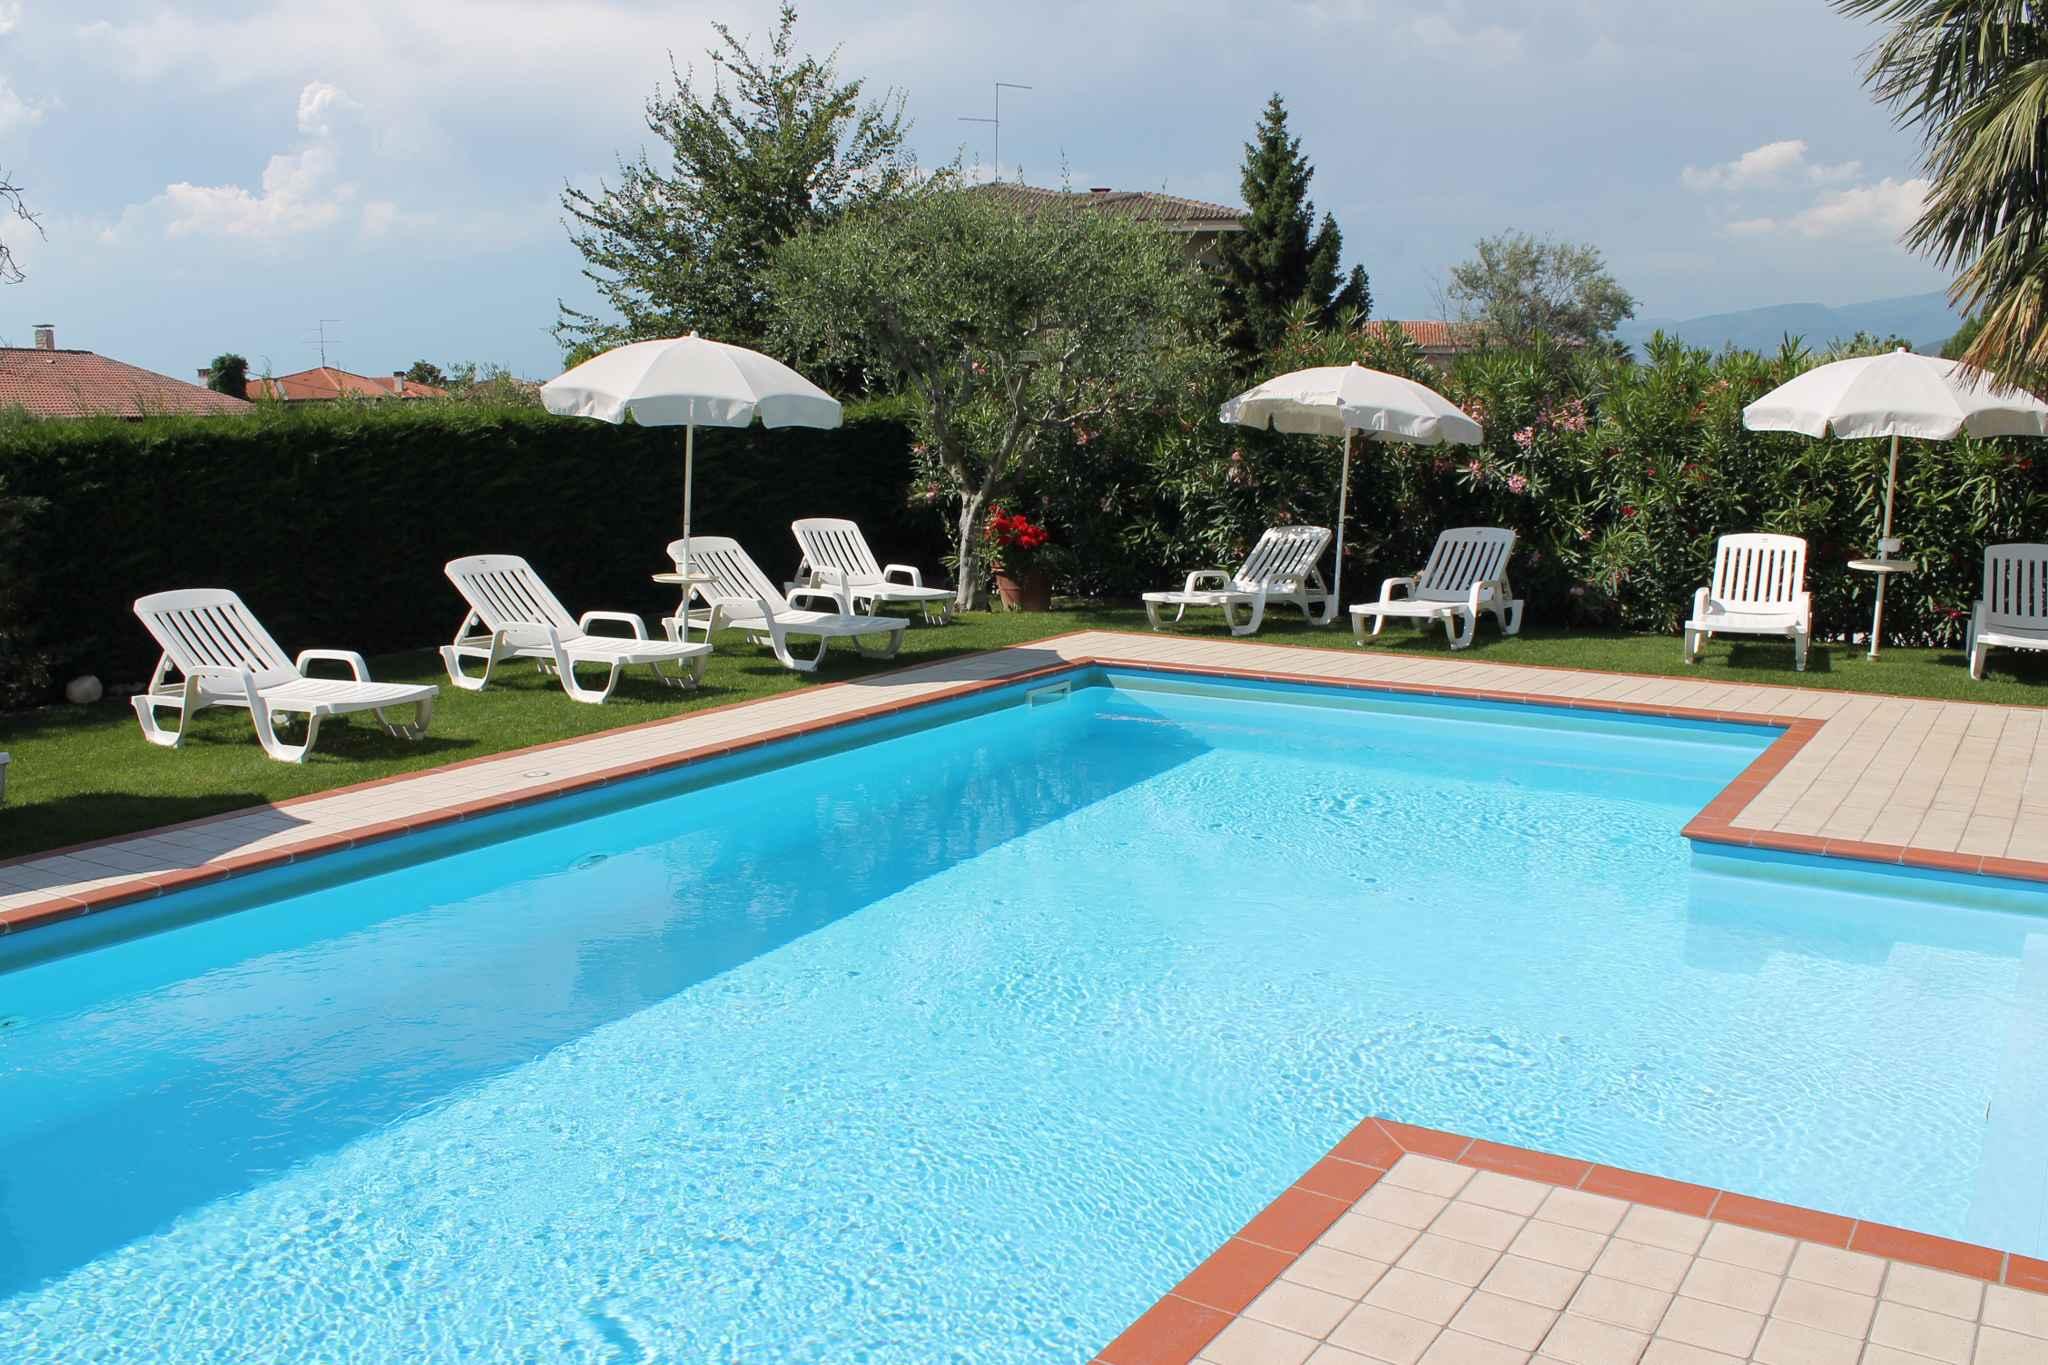 Ferienwohnung con piscina (279582), Lazise, Gardasee, Venetien, Italien, Bild 8